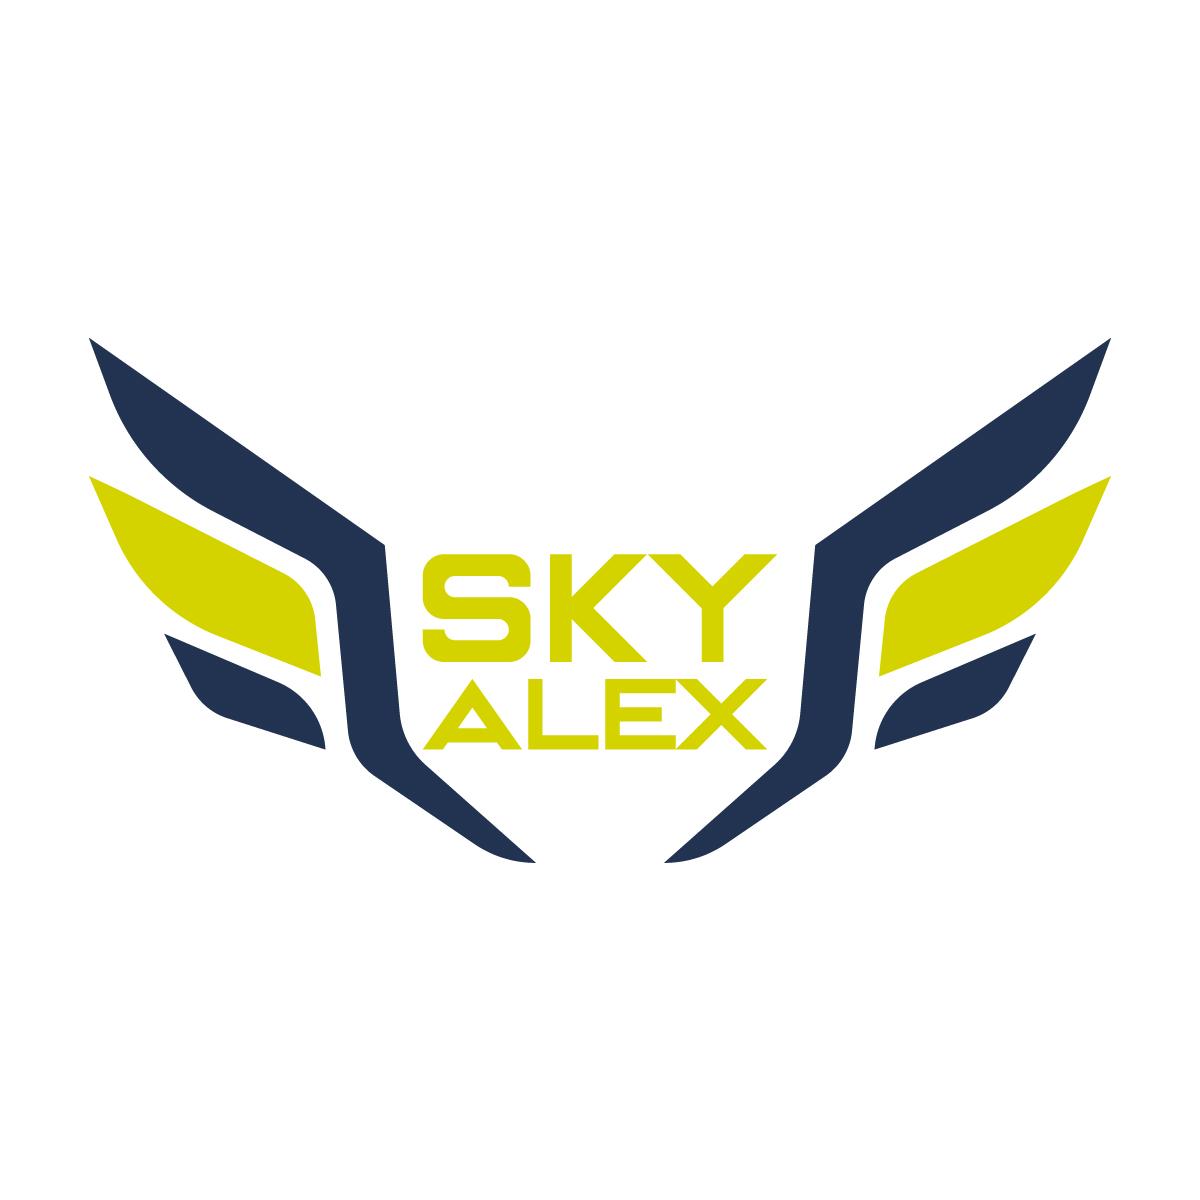 Skyalex